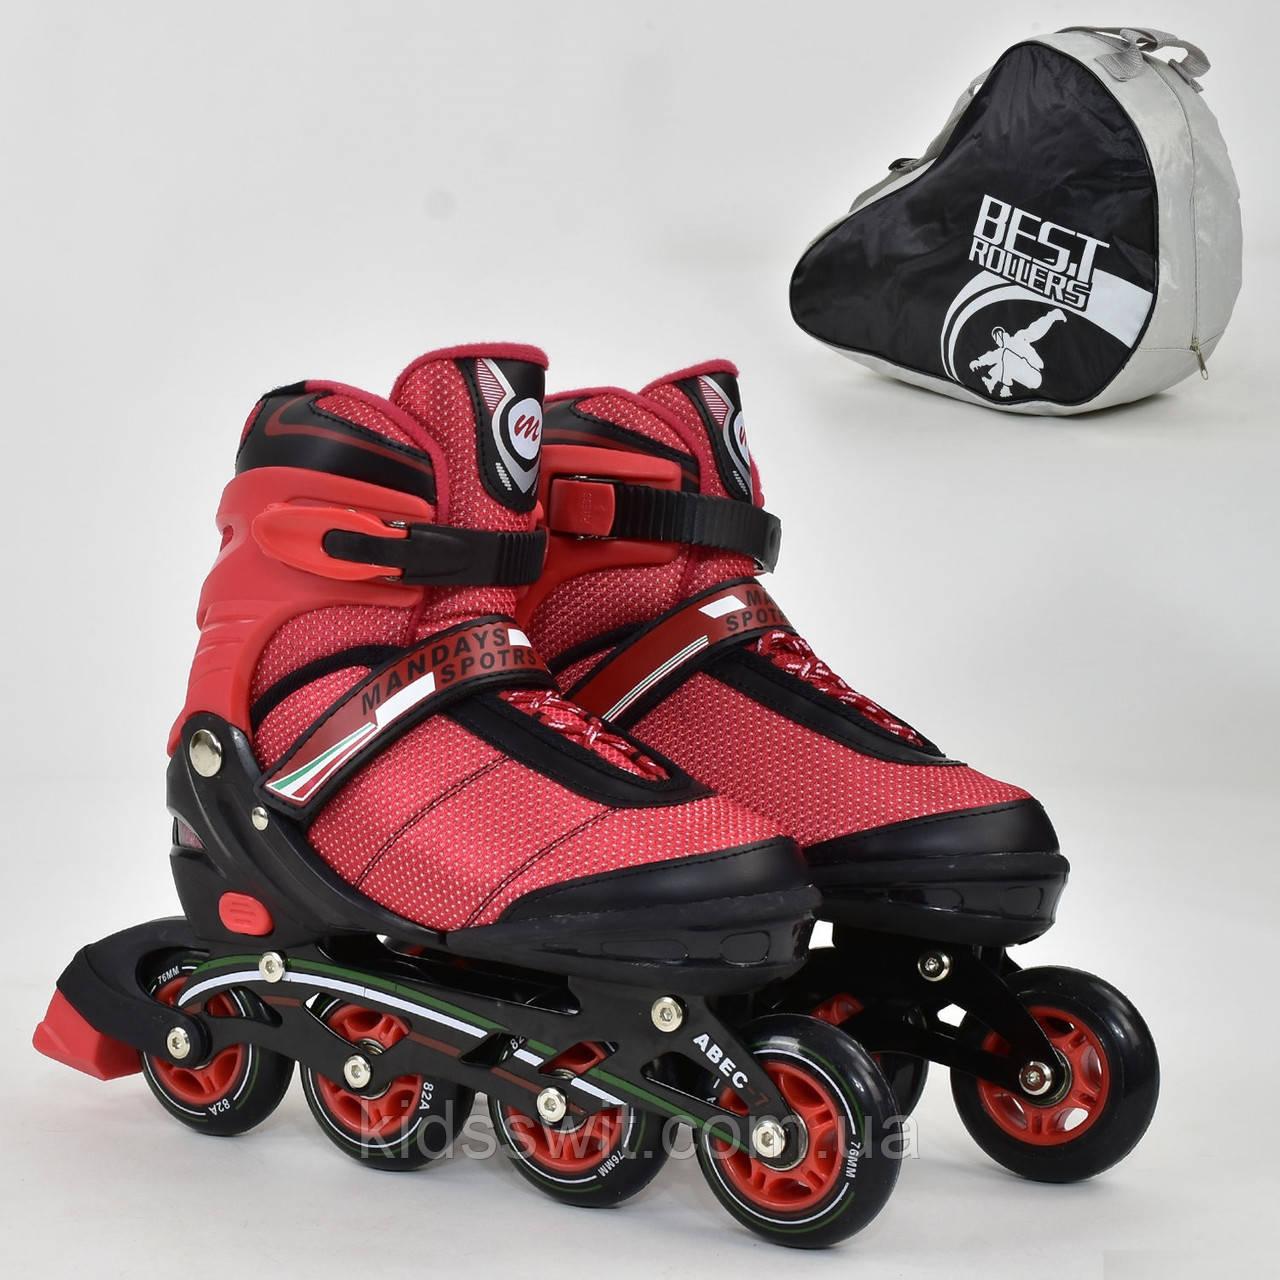 """Ролики Best Roller колір-червоний /розмір 39-42/ колеса PU, без світла, в сумці, d=7.6 см, 8903 """"L"""""""